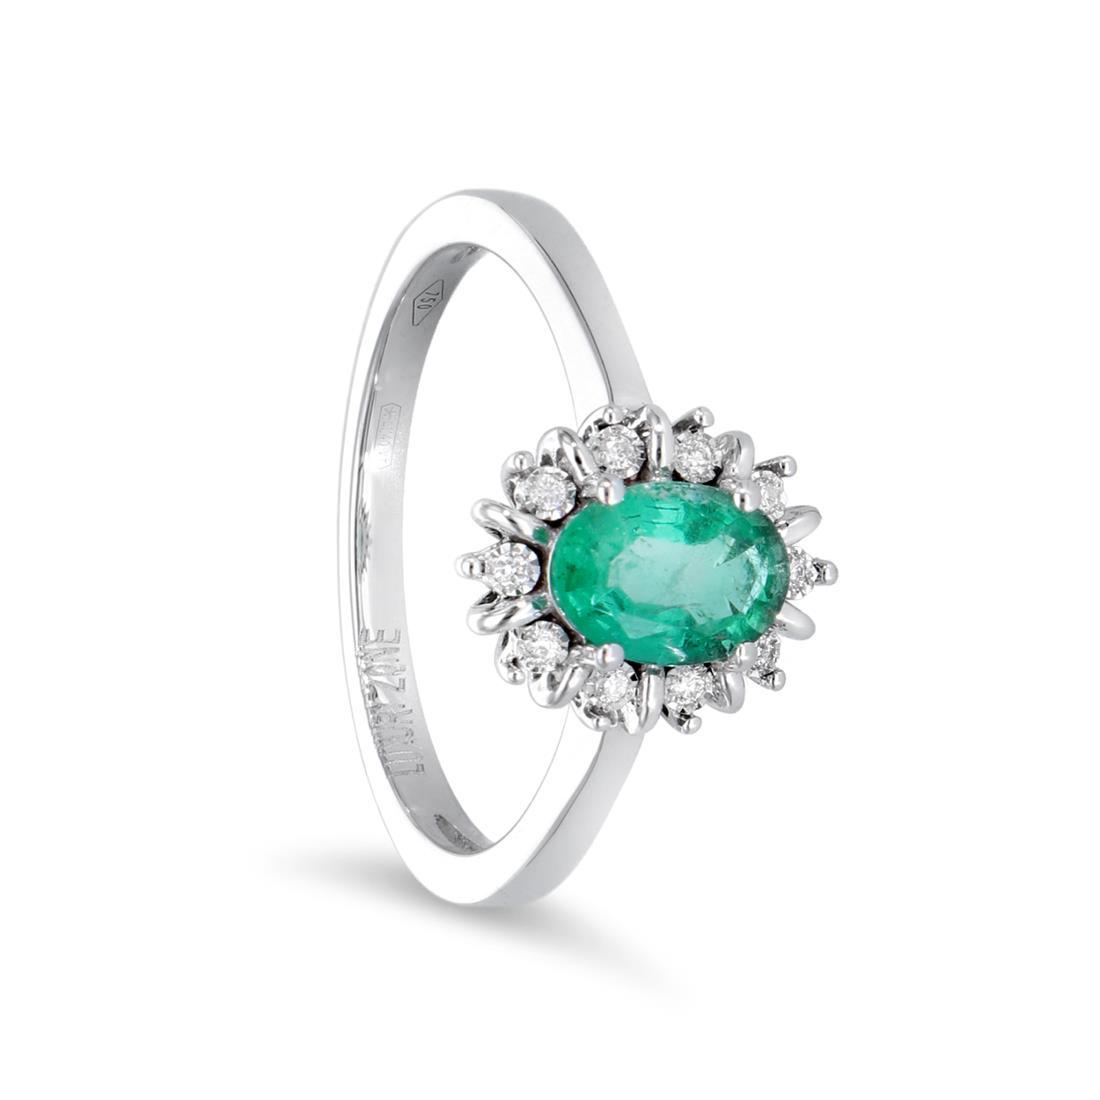 Anello con smeraldo e diamanti - LUXURY ZONE